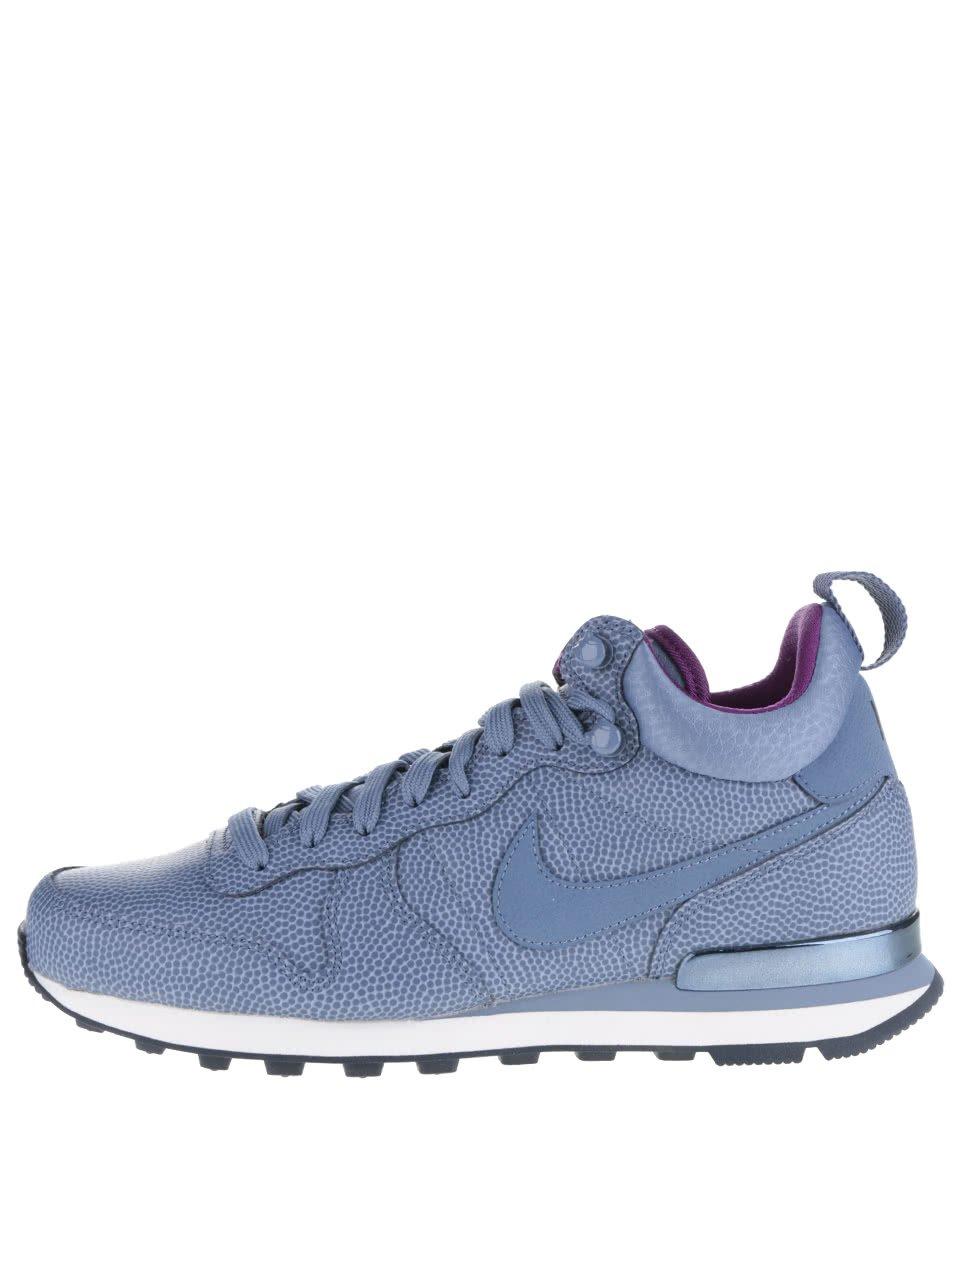 Modré kožené dámské kotníkové tenisky Nike Internationalist Mid Leather